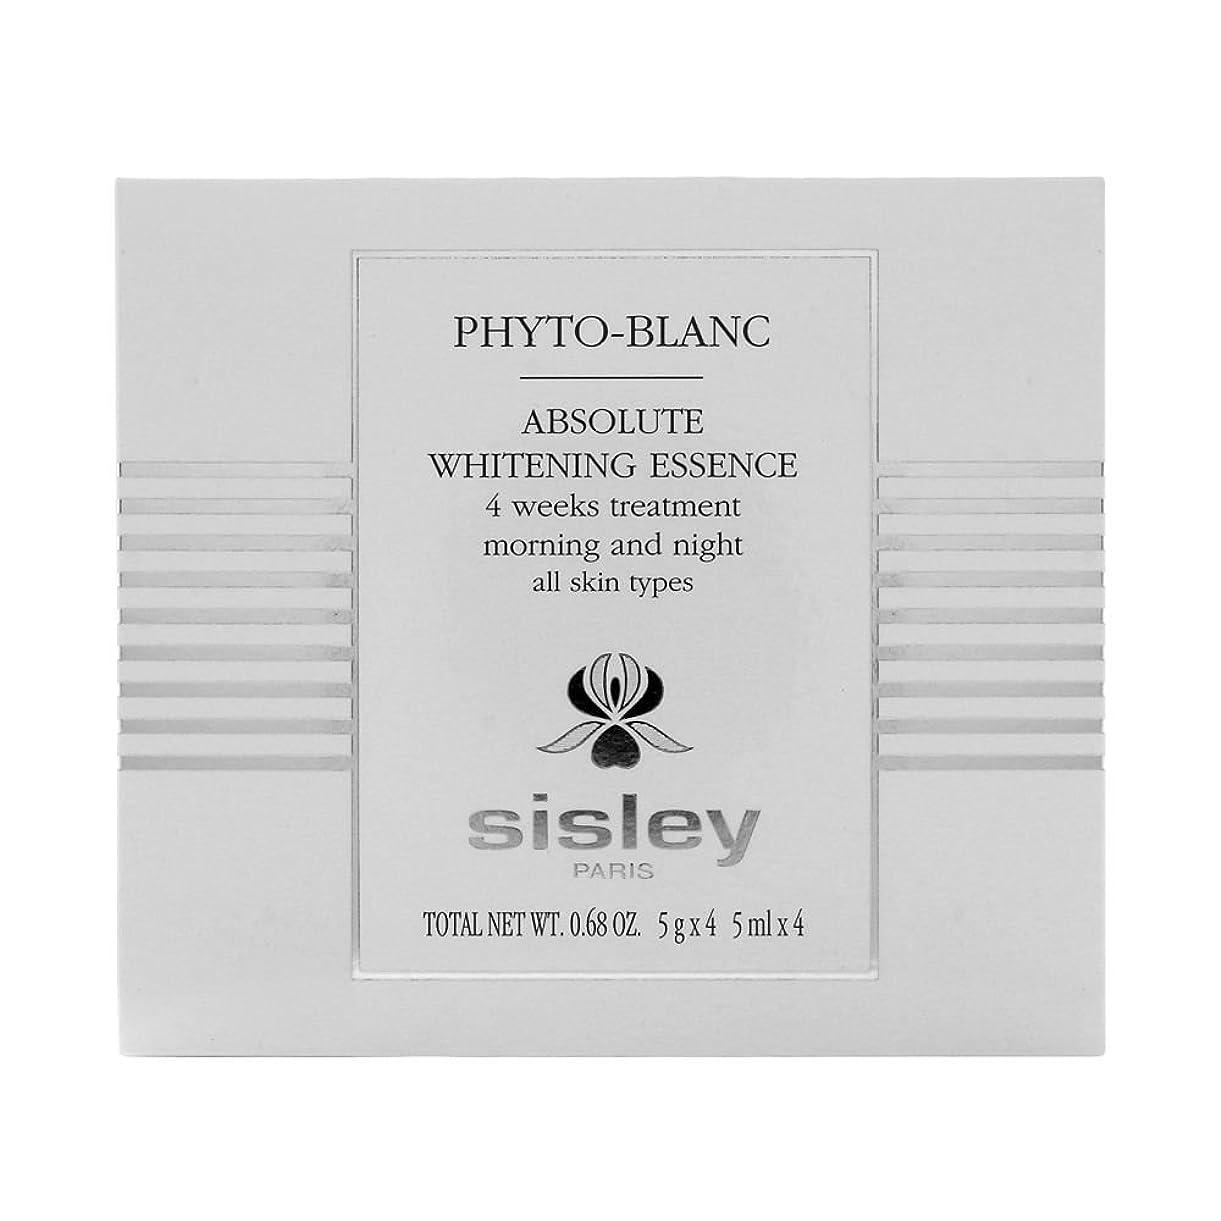 先史時代の才能のある相続人シスレー  フィトブラン ホワイト エッセンス - 4週間集中トリートメント (全ての肌タイプ) 4x5ml/0.68oz並行輸入品